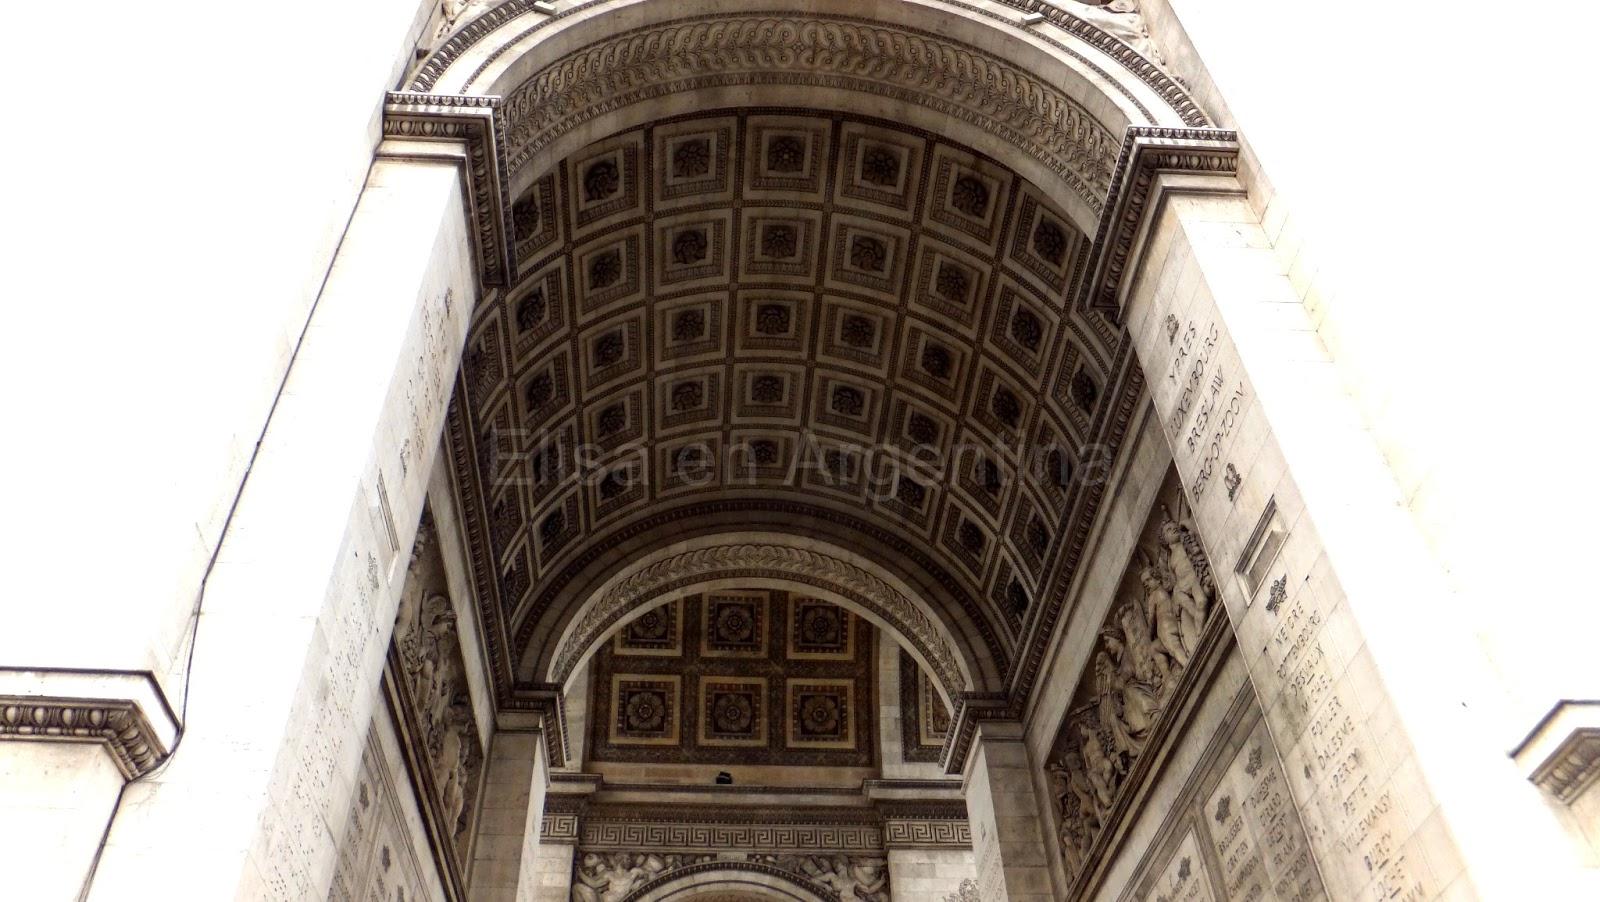 Arc de Triomphe, Arco de Triunfo, Place De Gaulle, París, Elisa N, Blog de Viajes, Lifestyle, Travel